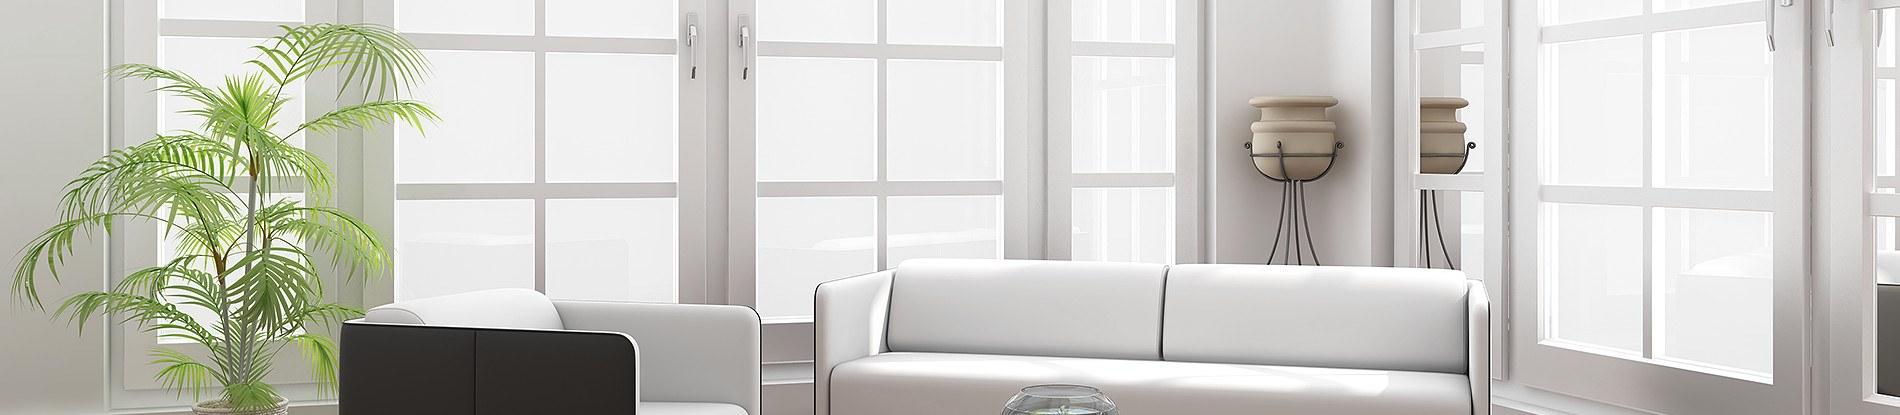 Full Size of Aluplast Fenster Online Kaufen Neufferde Wohnzimmer Aluplast Erfahrung